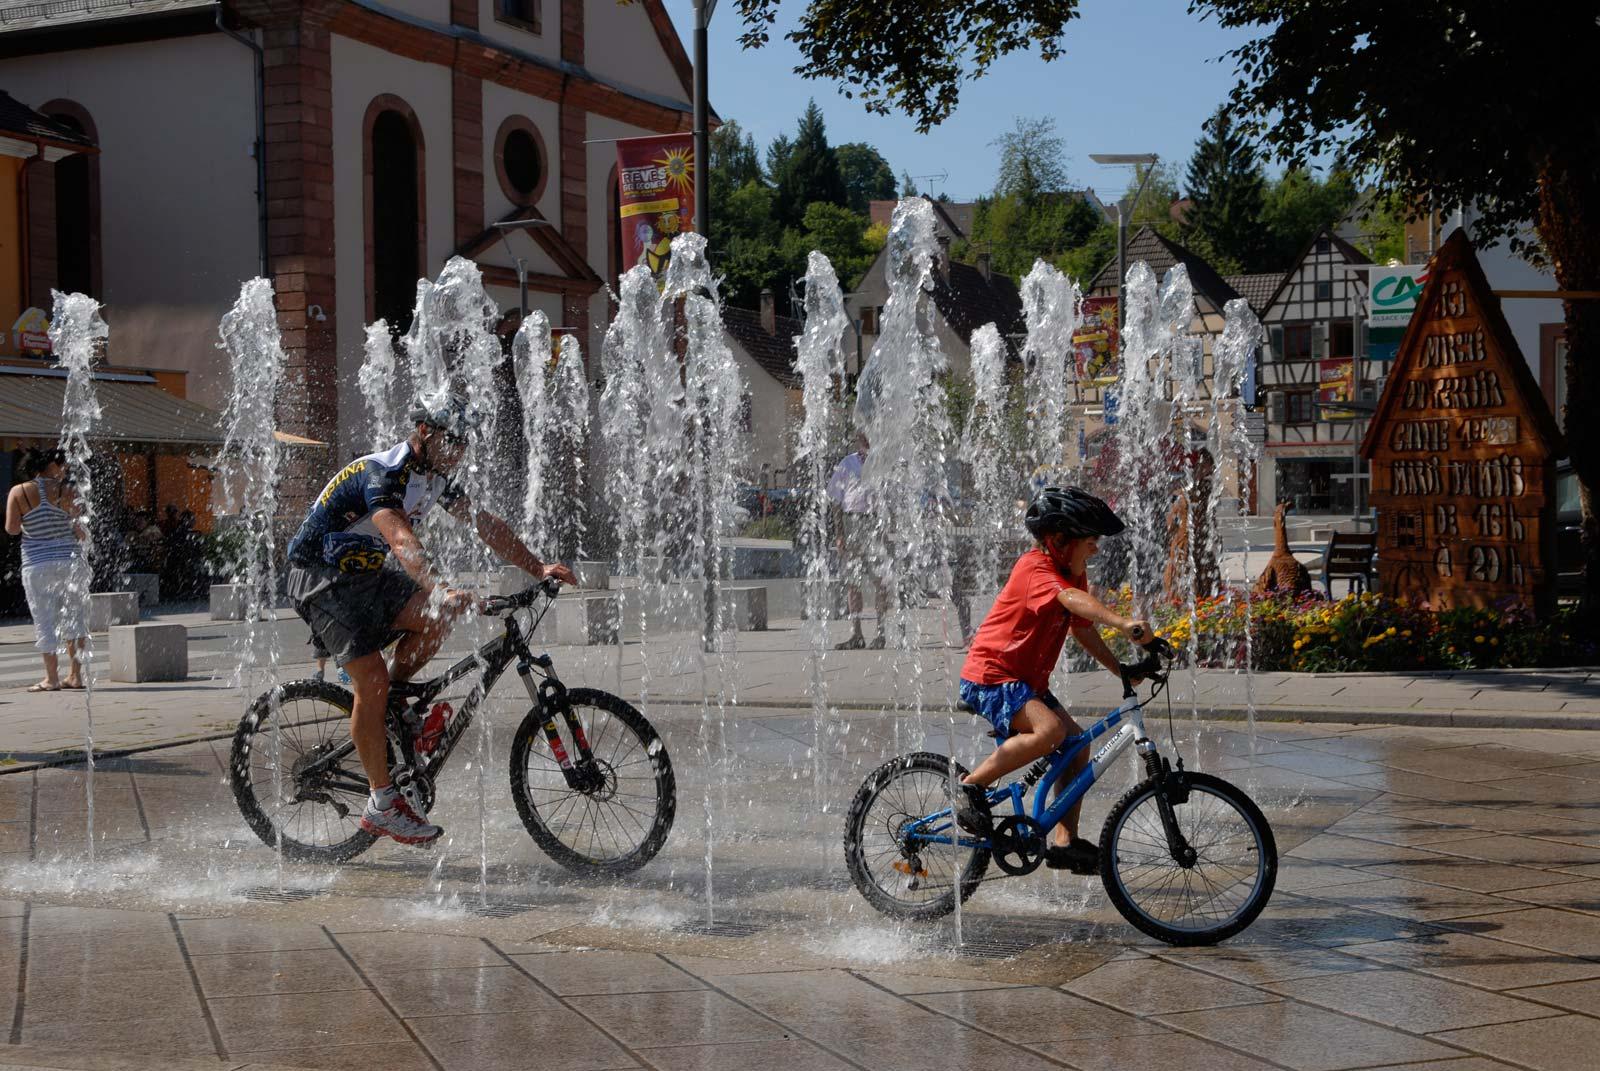 Promenade à vélo au cœur de la cité thermale